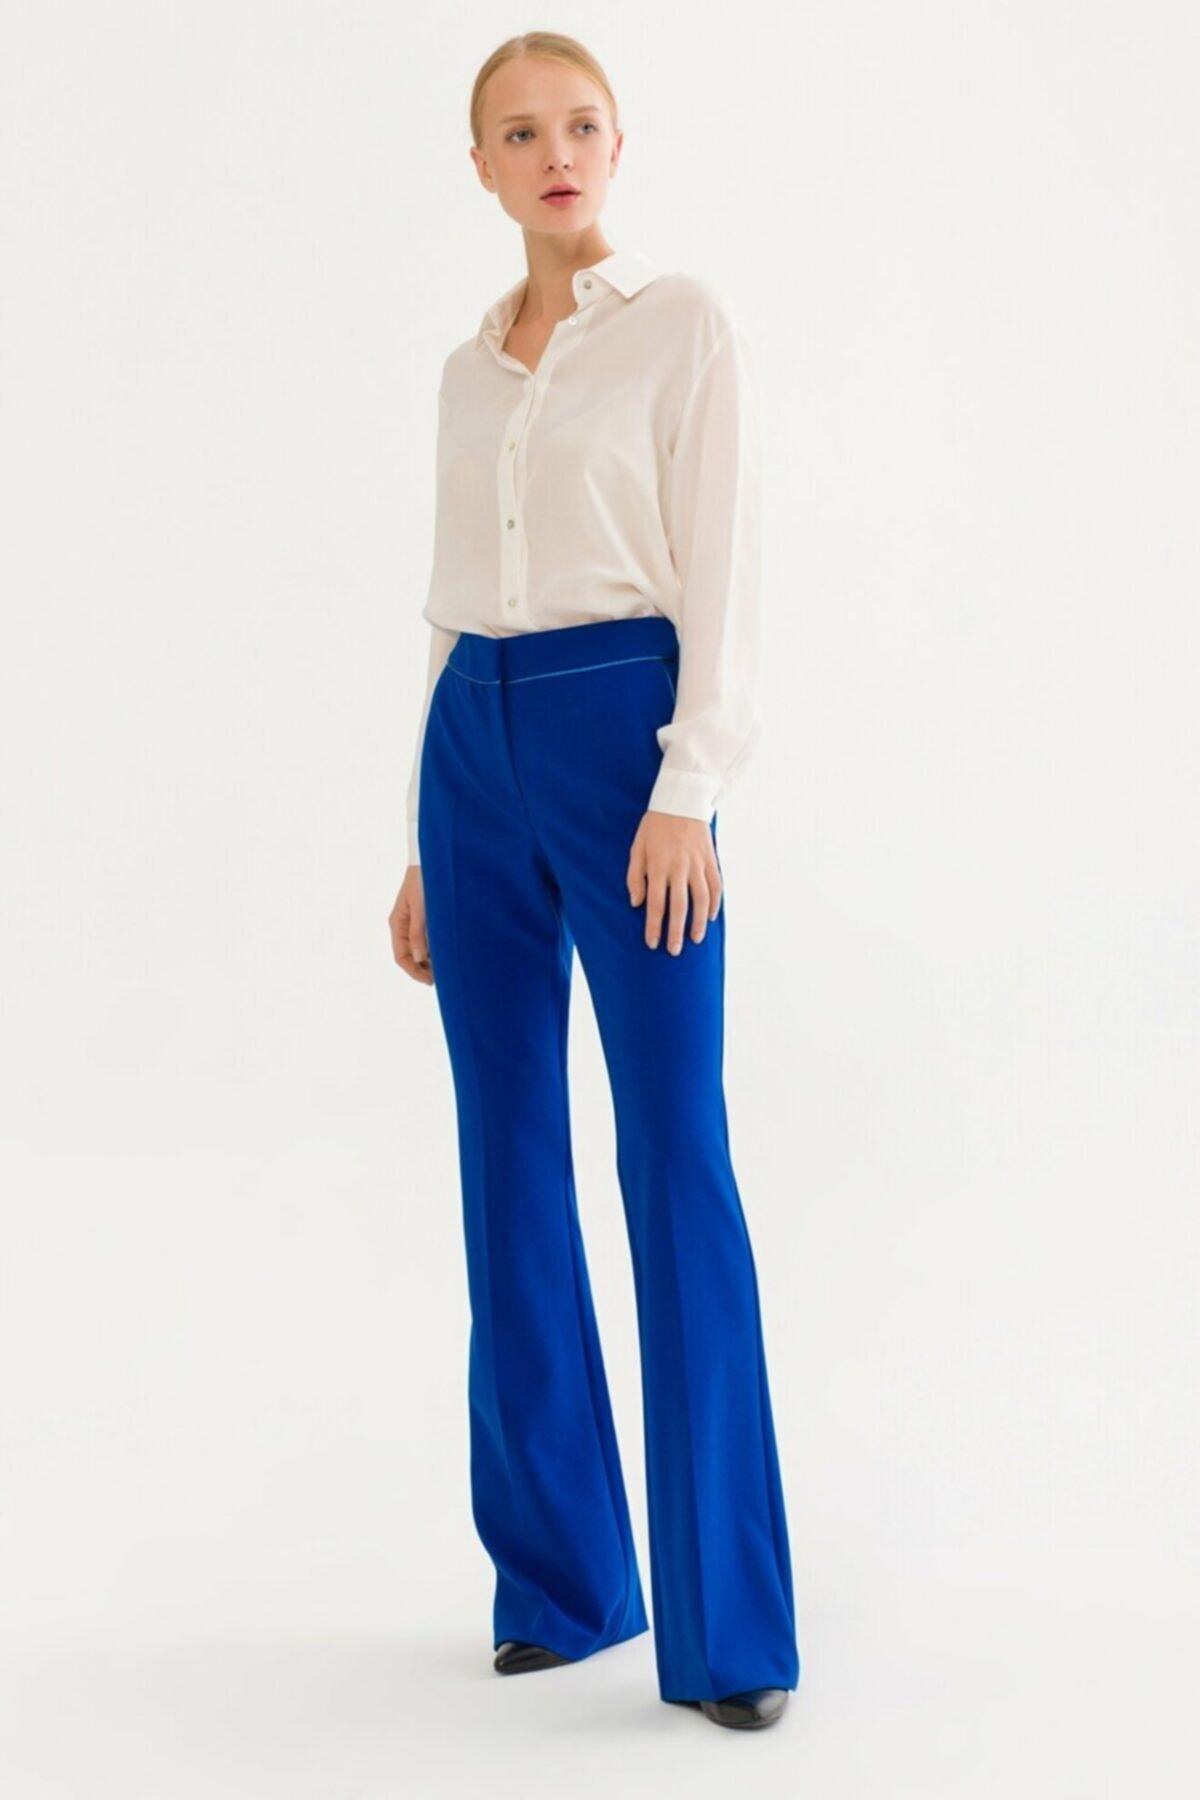 adL Kadın Saks Biye Detaylı Pantolon 153C1579000022 1